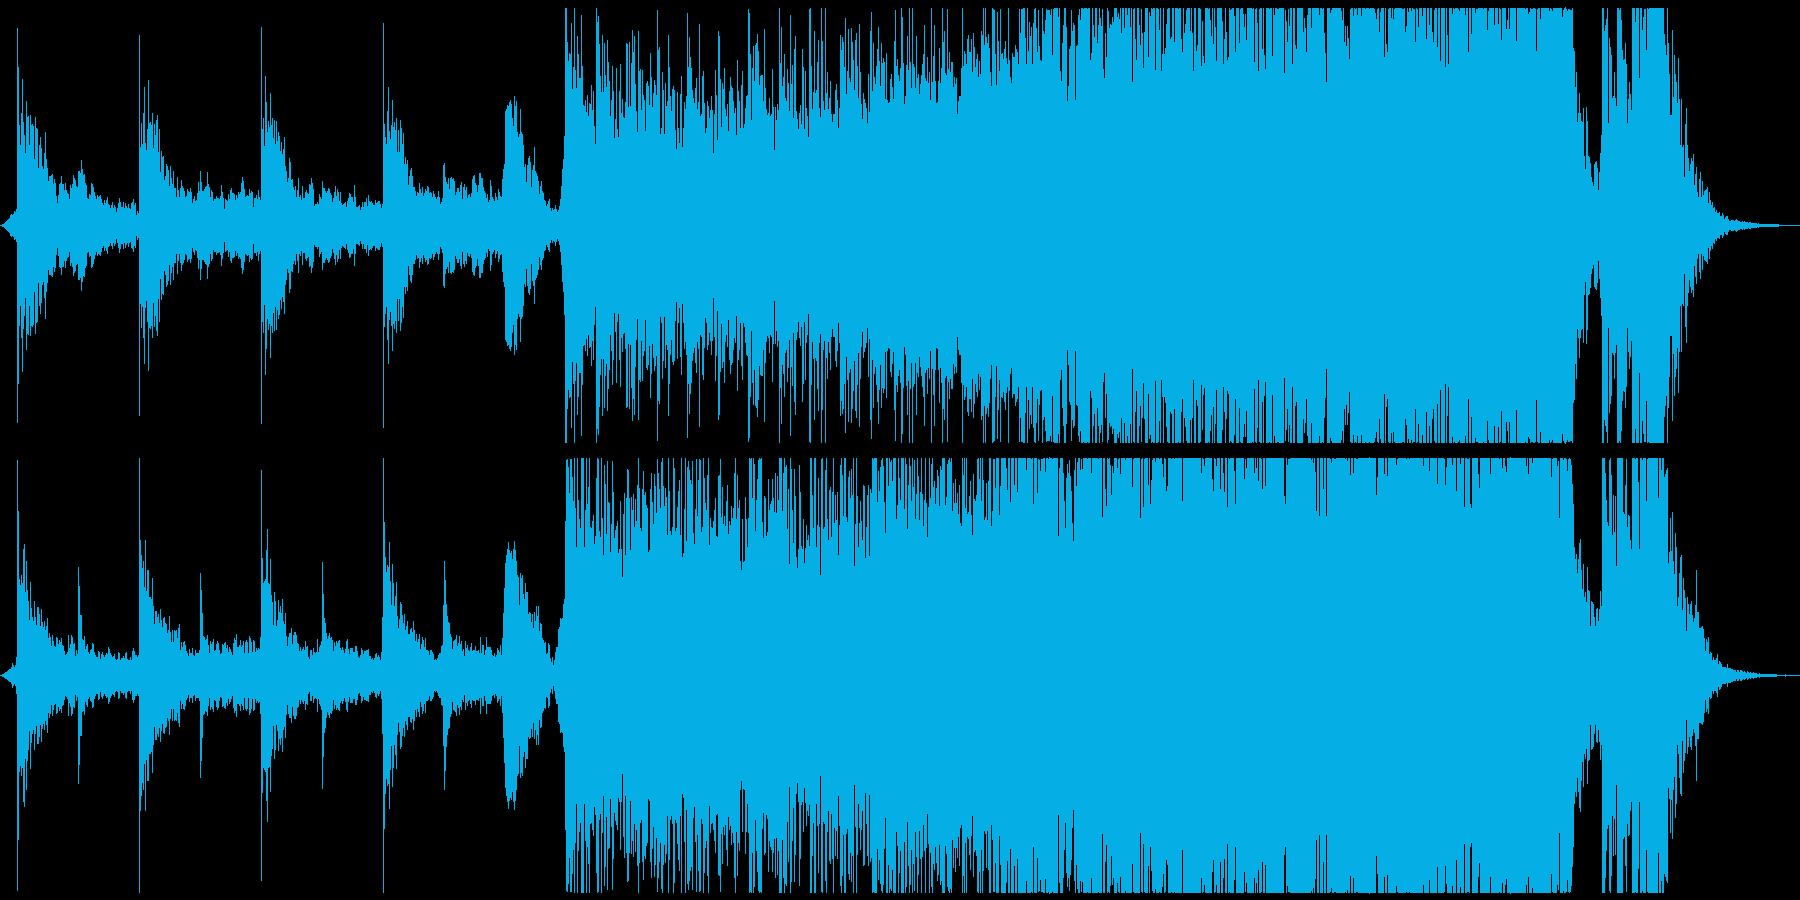 ハリウッド映画予告編風パワフルで壮大な曲の再生済みの波形